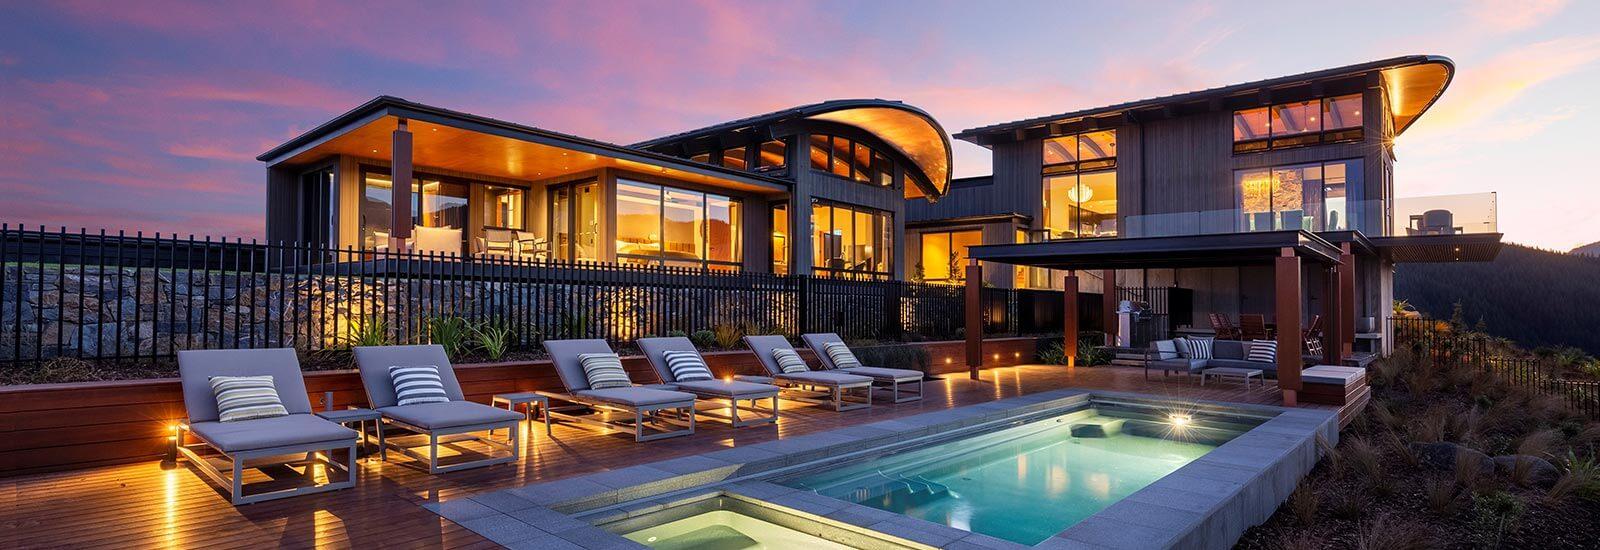 luxury accommodation New Zealand